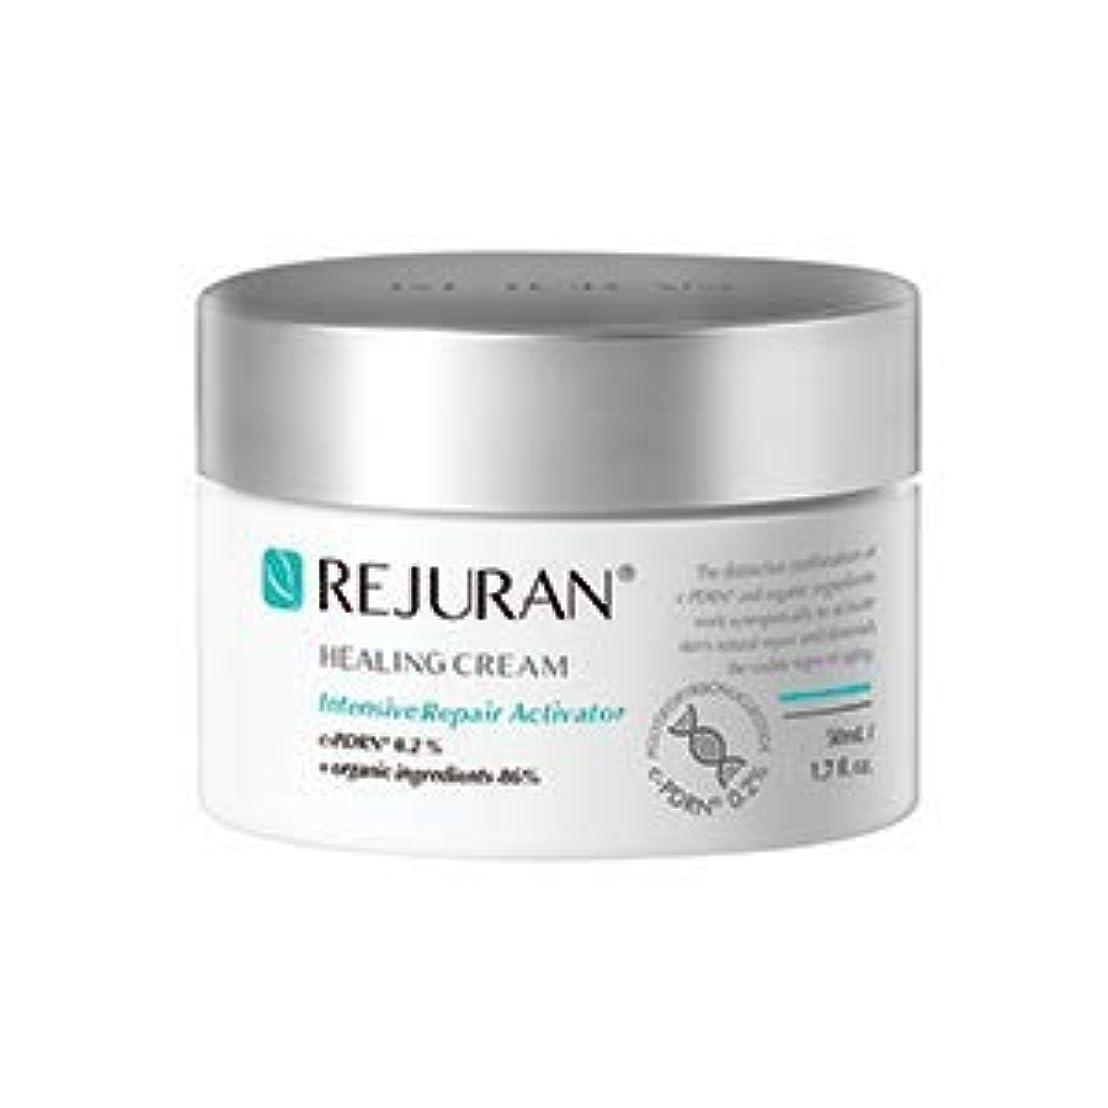 ファンシーユニークな尊敬[ 皮膚科最高級ブランド ] リジュラン ヒーリング クリーム 50ml.(シワ改善機能性)REJURAN Healin Cream 50ml. X Healing Mask 2p